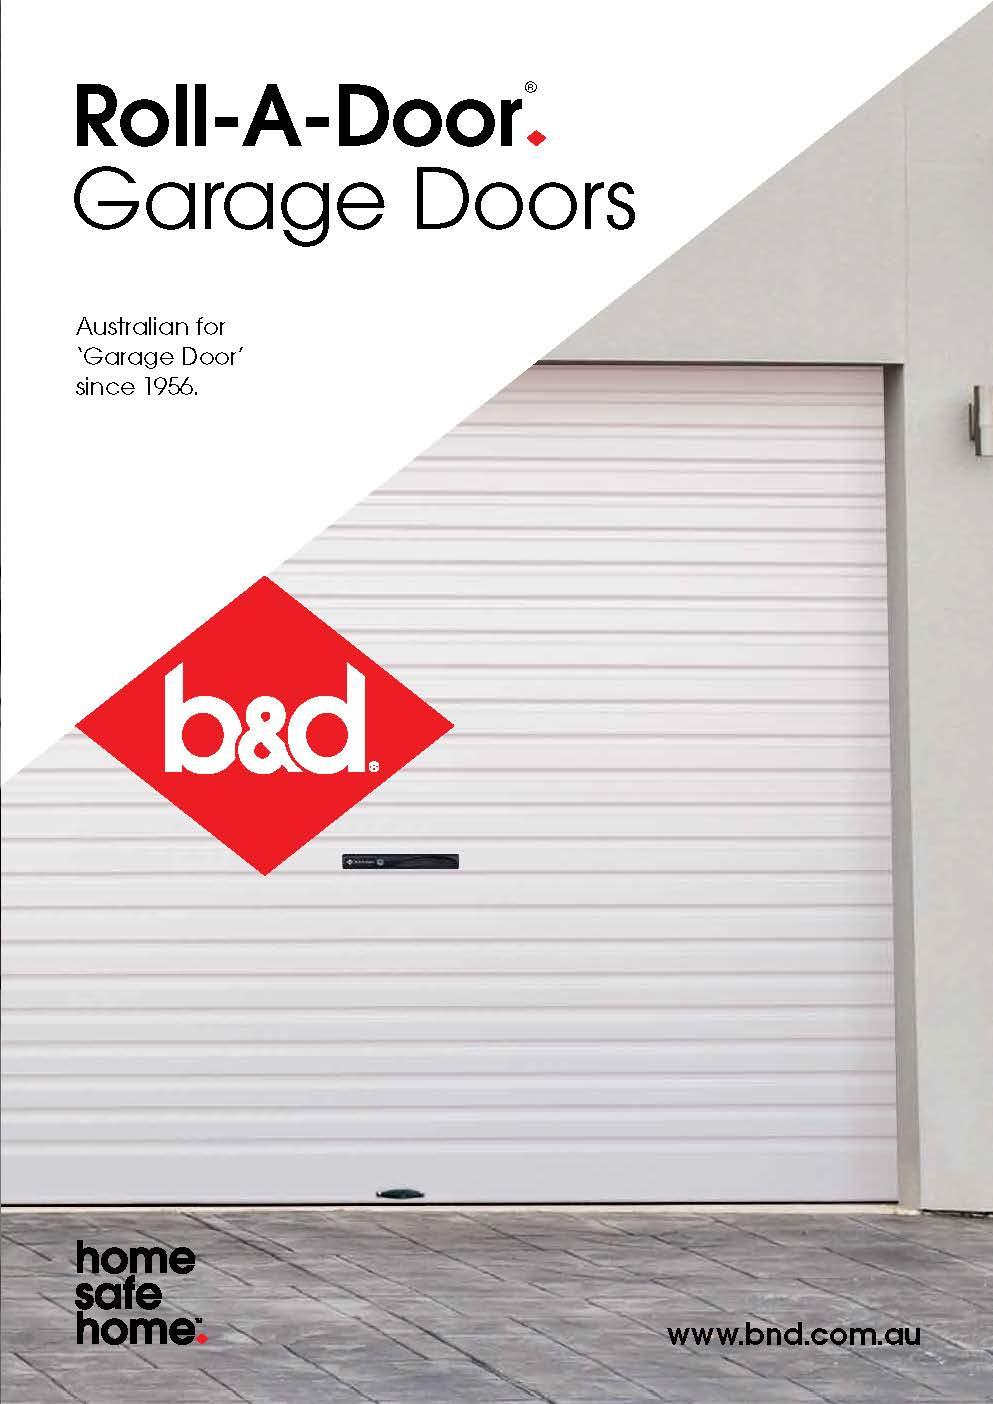 Bu0026D Roll-A-Door Brochure  sc 1 st  Yellow Pages & Noosa Garage Doors Pty Ltd - Garage Doors u0026 Fittings - 1/ 4 Leo ...